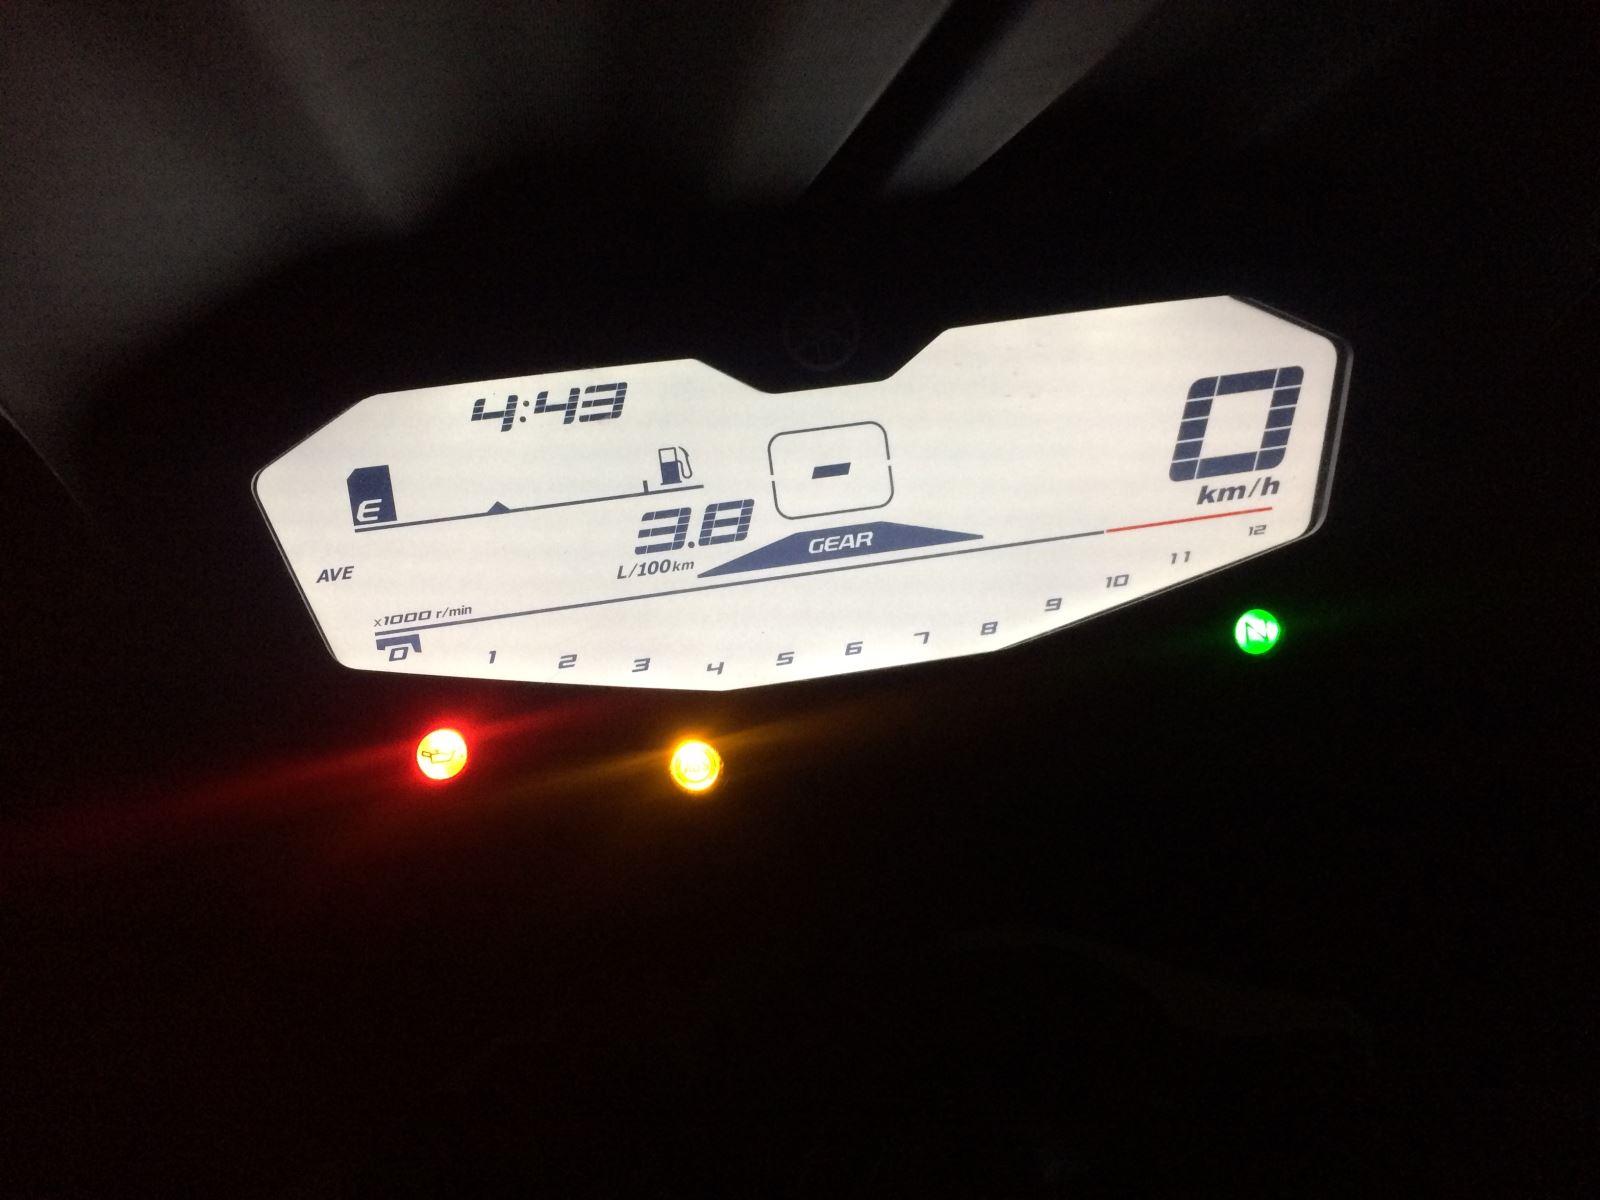 Karşılaştırma; Yamaha Tracer 700 Honda NC750X karşısında! 8. İçerik Fotoğrafı